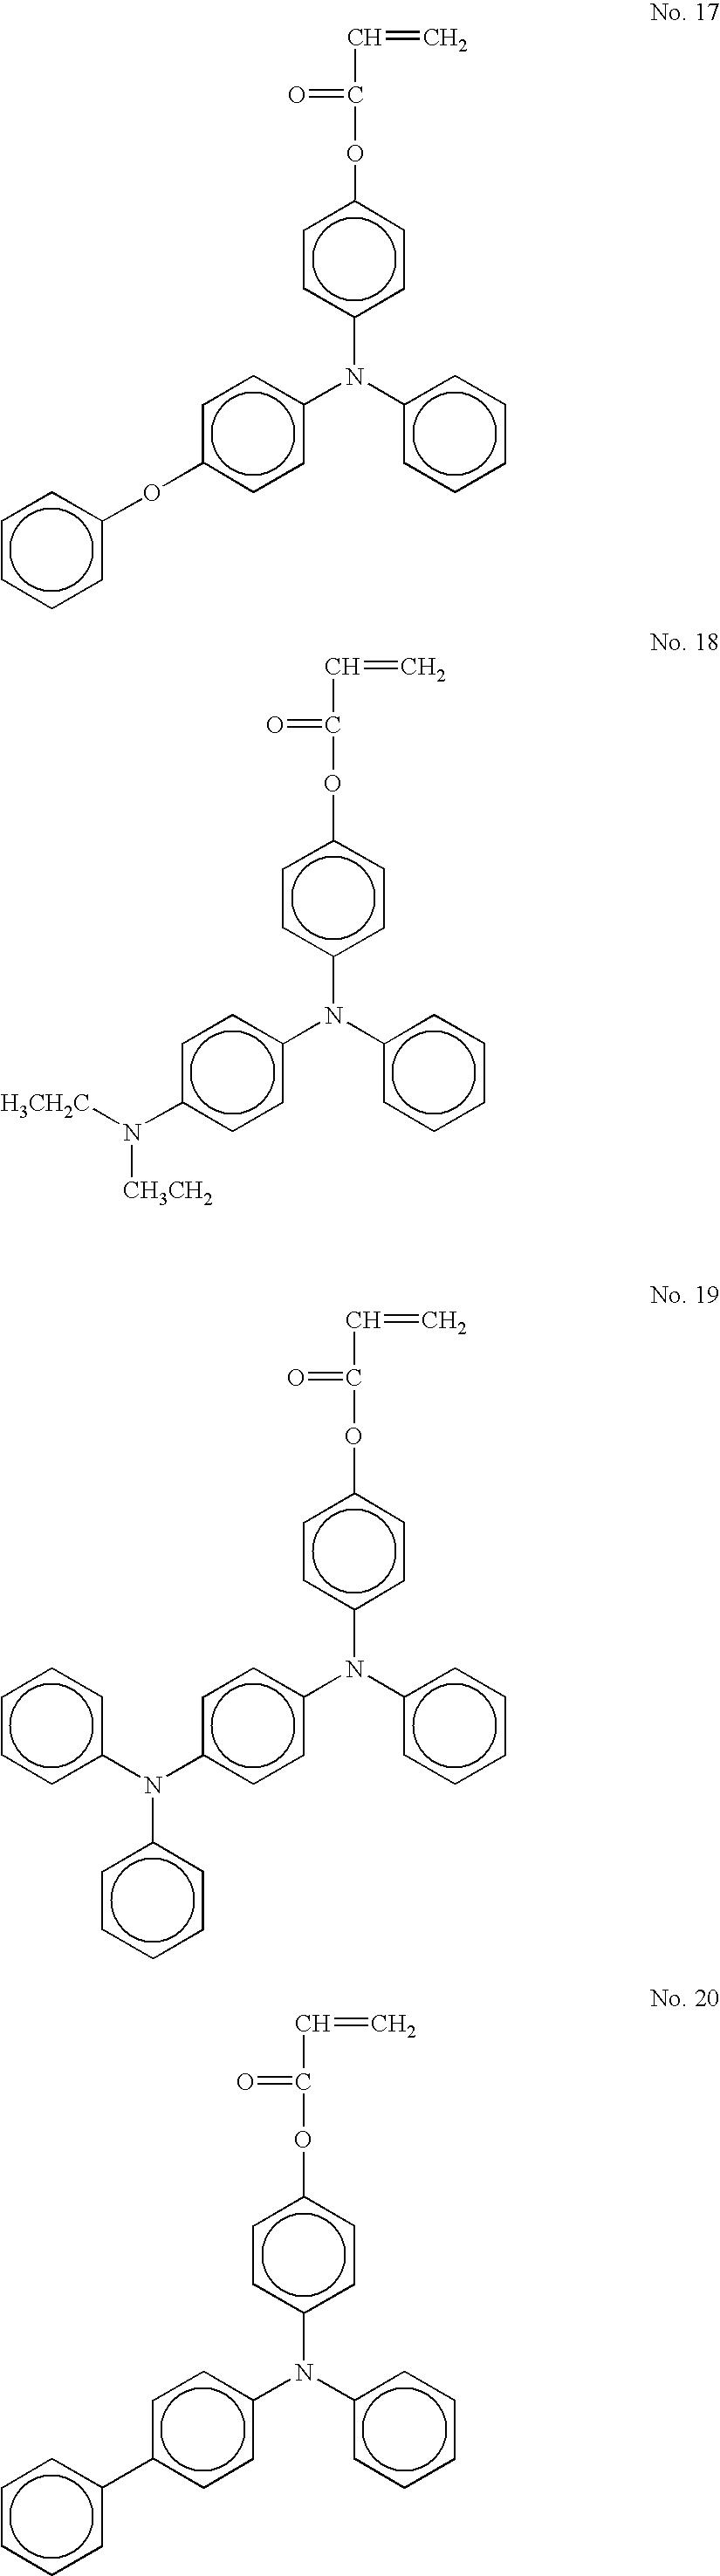 Figure US20060177749A1-20060810-C00023